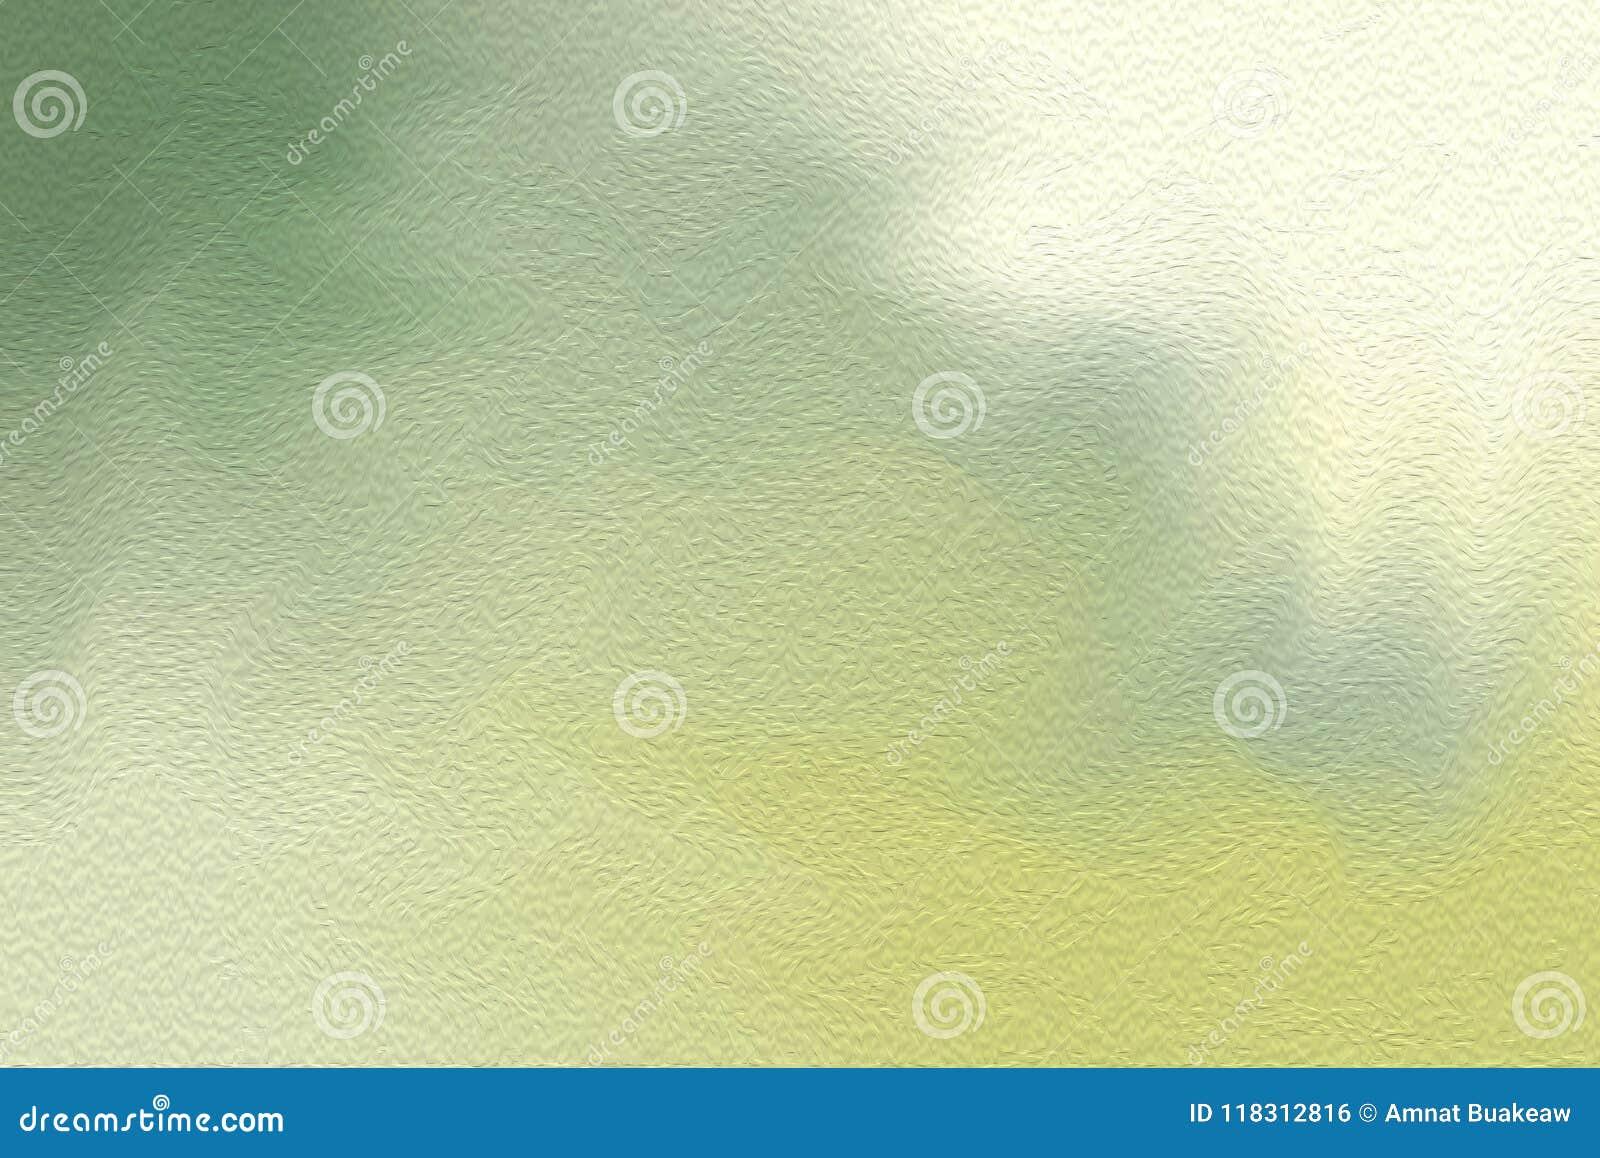 在纸纹理背景,多五颜六色的绘画艺术丙烯酸酯的水彩墙纸柔和的淡色彩的艺术绿色明亮的画笔